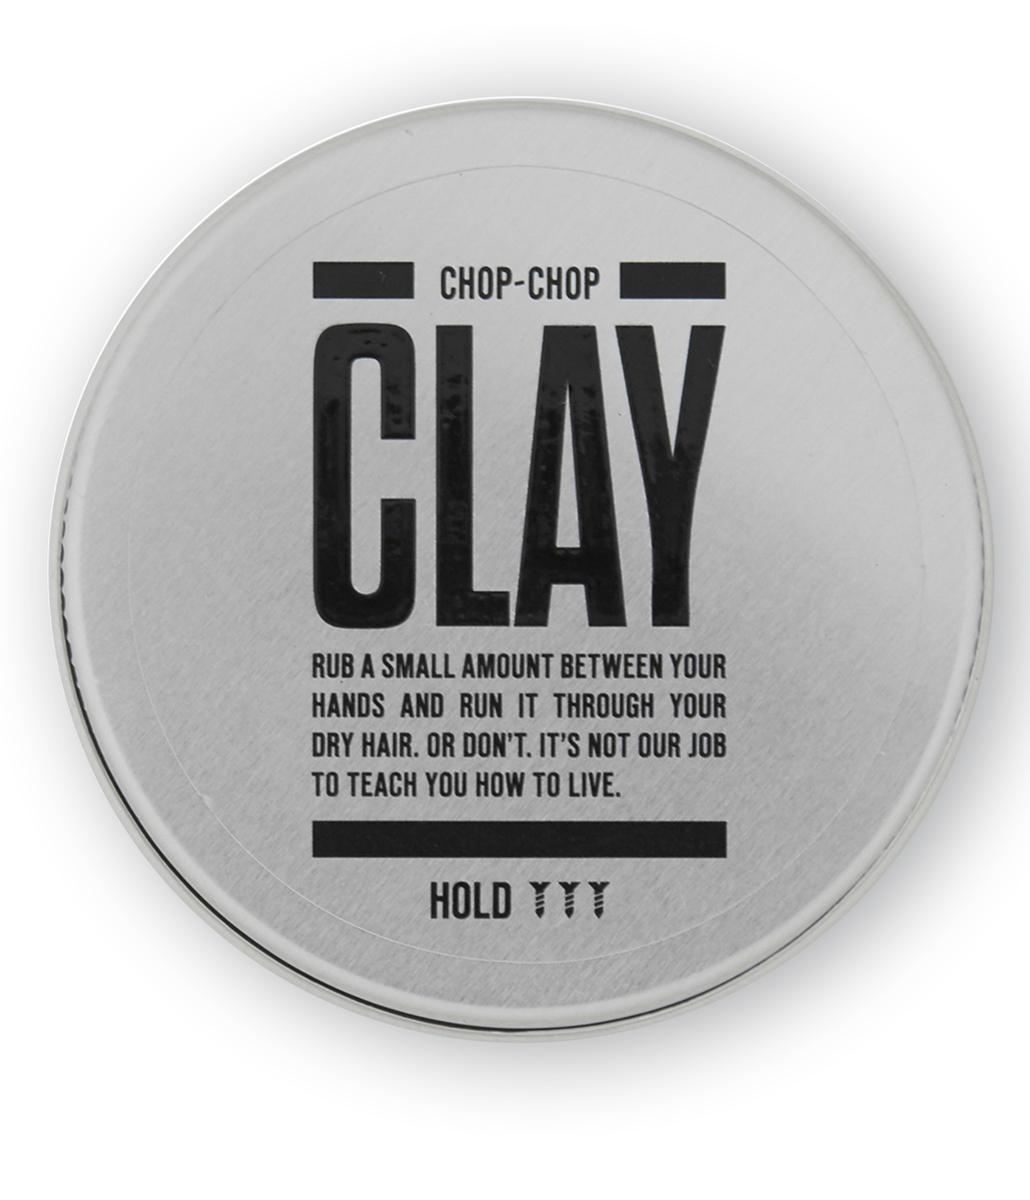 Chop-Chop Глина для волос, 50 млMP59.4DГлина для укладки волос с сильной фиксацией, которая идеальна для классических коротких мужских стрижек. Эта глина вобрала в себя весь опыт мастеров самой крупной сети мужских парикмахерских в мире CHOP-CHOP.Активные ингредиентыЗа гладкость и стойкость прически отвечает пчелиный воск. Благодаря масляным компонентам сырой пчелиный воск естественным образом защищает и питает волосы и кожу головы.Процентное содержание более 20%.В основе смеси эфирных масел- глубокий и сложный аромат самого дорогого эфирного масла душистого тропического растения ветивера в сочетании с бергамотом и мандарином. Процентное содержание около 0,5%. Содержит натуральную белую глину. Процентное содержание - более 30%. Не содержит консервантов!Глина для укладки волос с сильной фиксацией, которая идеальна для классических коротких мужских стрижек. Эта глина вобрала в себя весь опыт мастеров самой крупной сети мужских парикмахерских в мире CHOP-CHOP.Активные ингредиентыЗа гладкость и стойкость прически отвечает пчелиный воск. Благодаря масляным компонентам сырой пчелиный воск естественным образом защищает и питает волосы и кожу головы.Процентное содержание более 20%.В основе смеси эфирных масел- глубокий и сложный аромат самого дорогого эфирного масла душистого тропического растения ветивера в сочетании с бергамотом и мандарином. Процентное содержание около 0,5%. Содержит натуральную белую глину. Процентное содержание - более 30%. Не содержит консервантов!